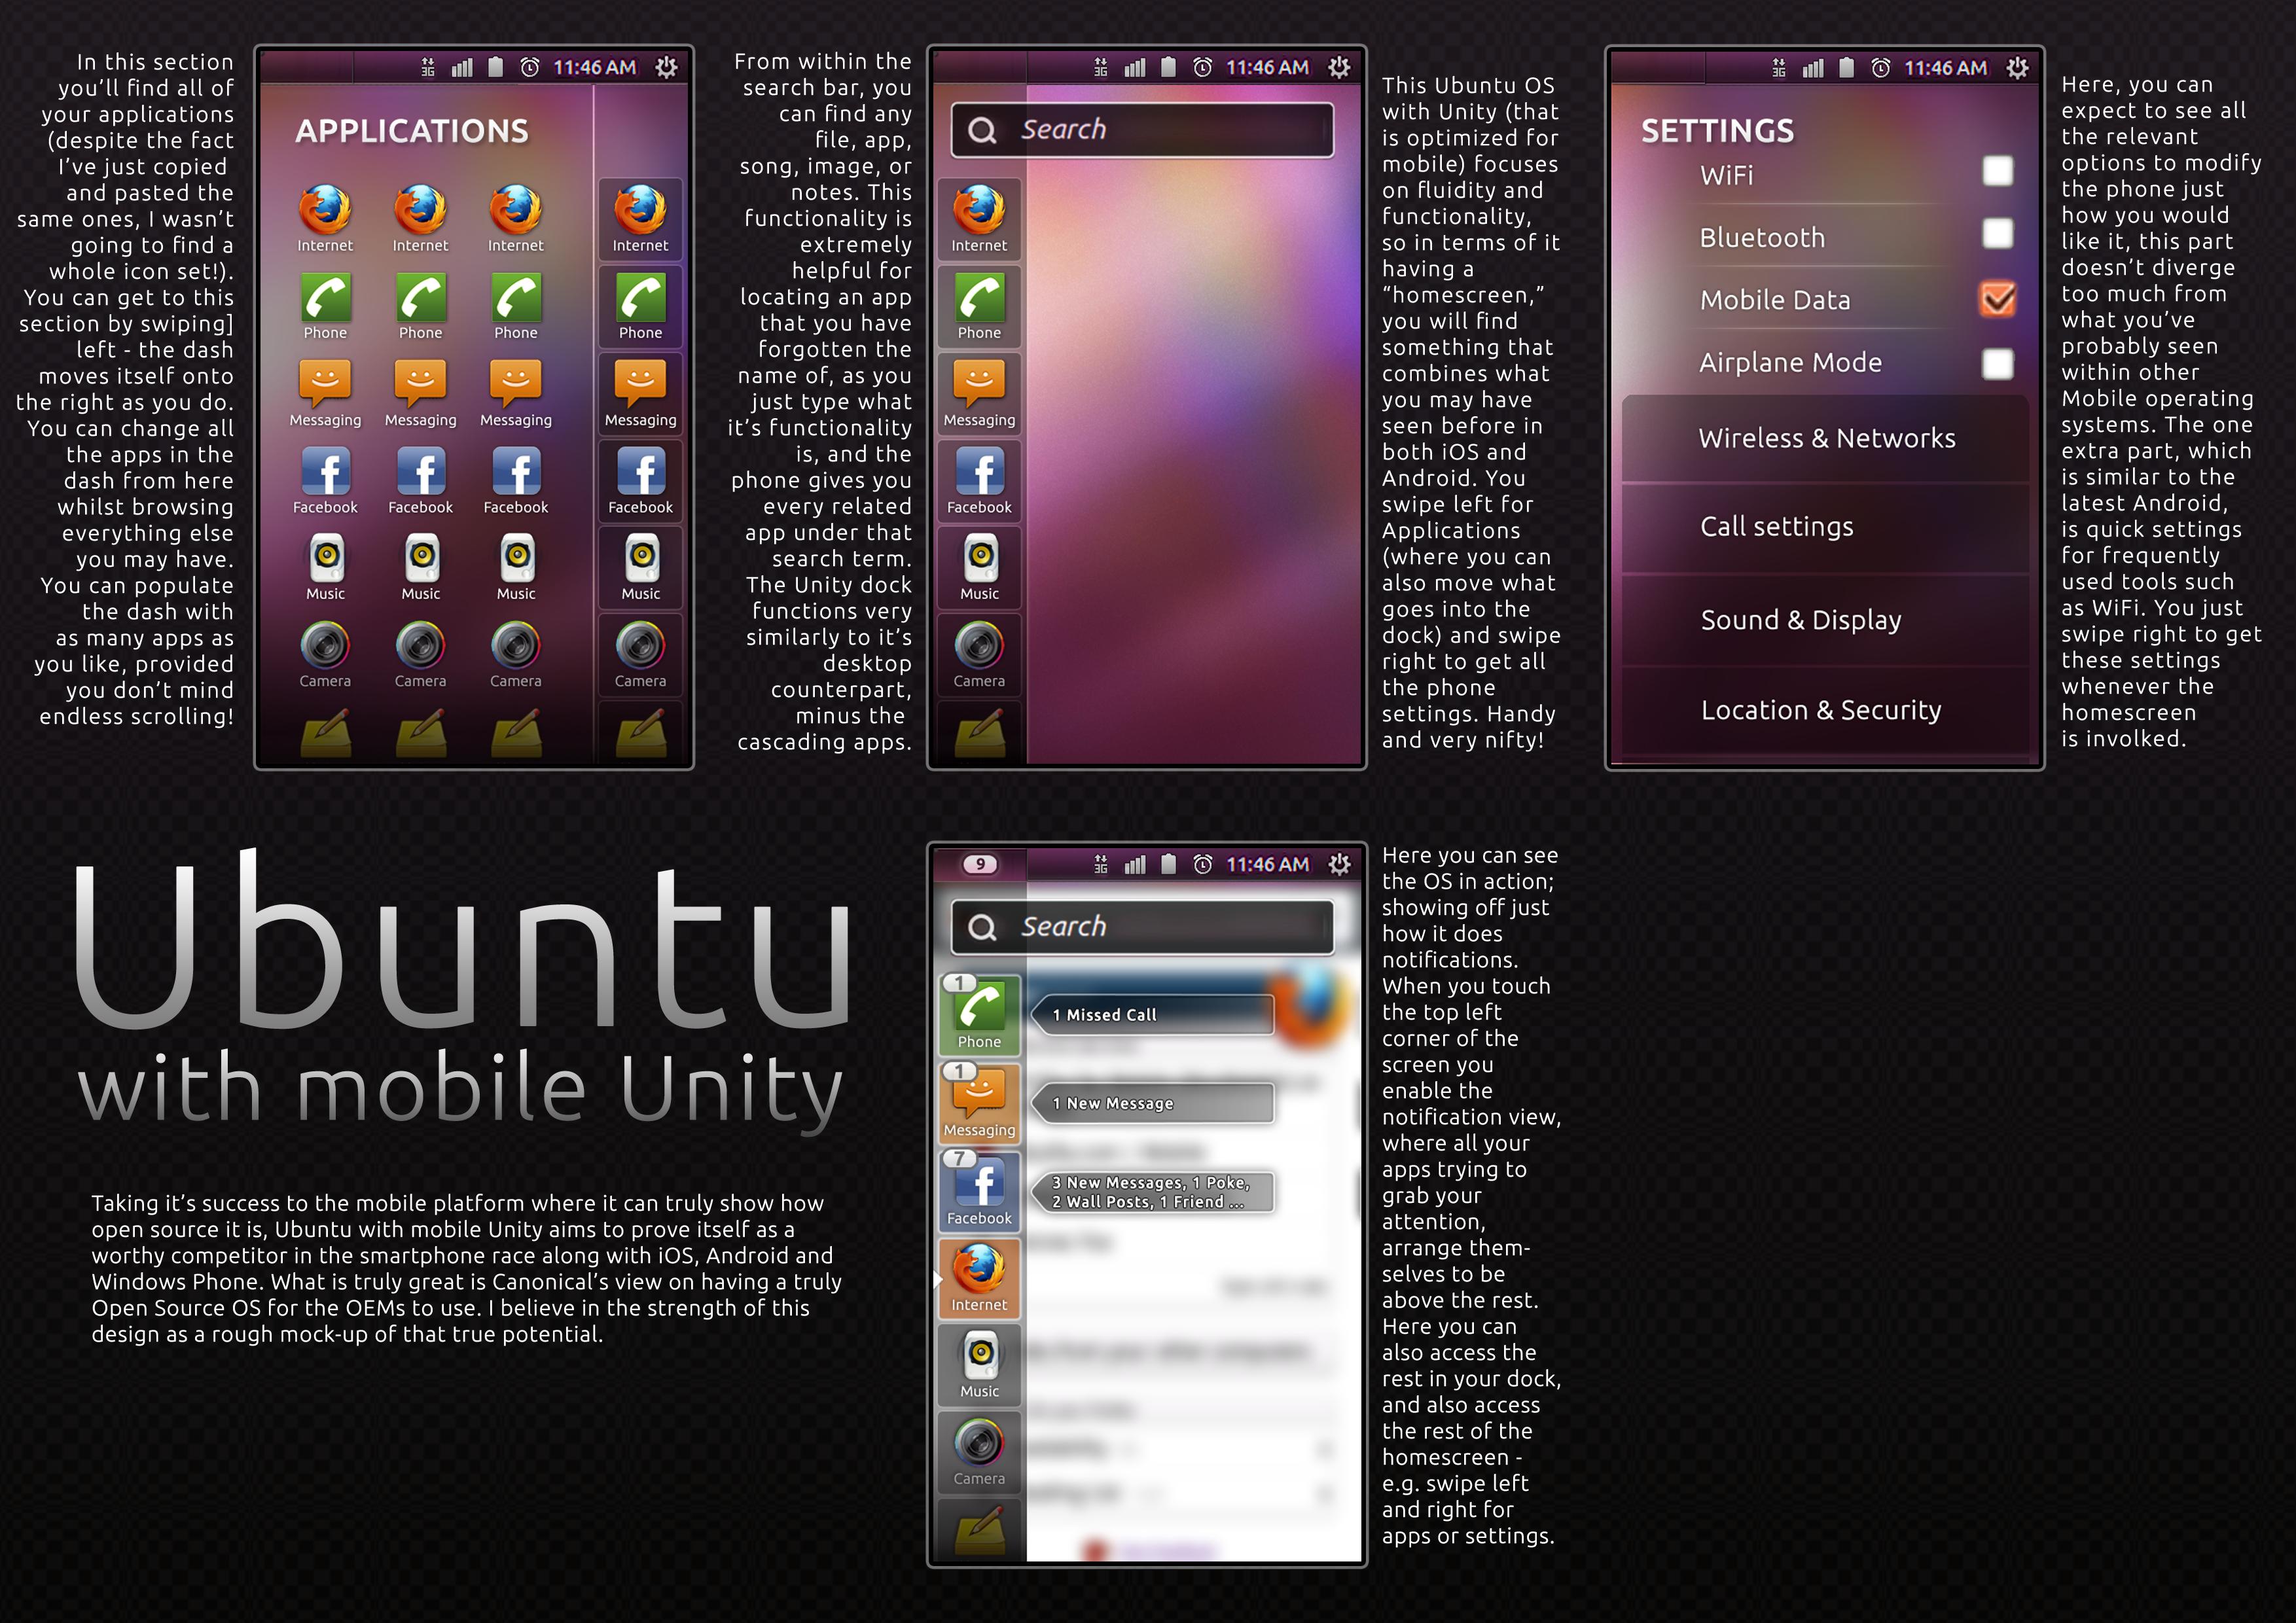 Ubuntu with mobile Unity